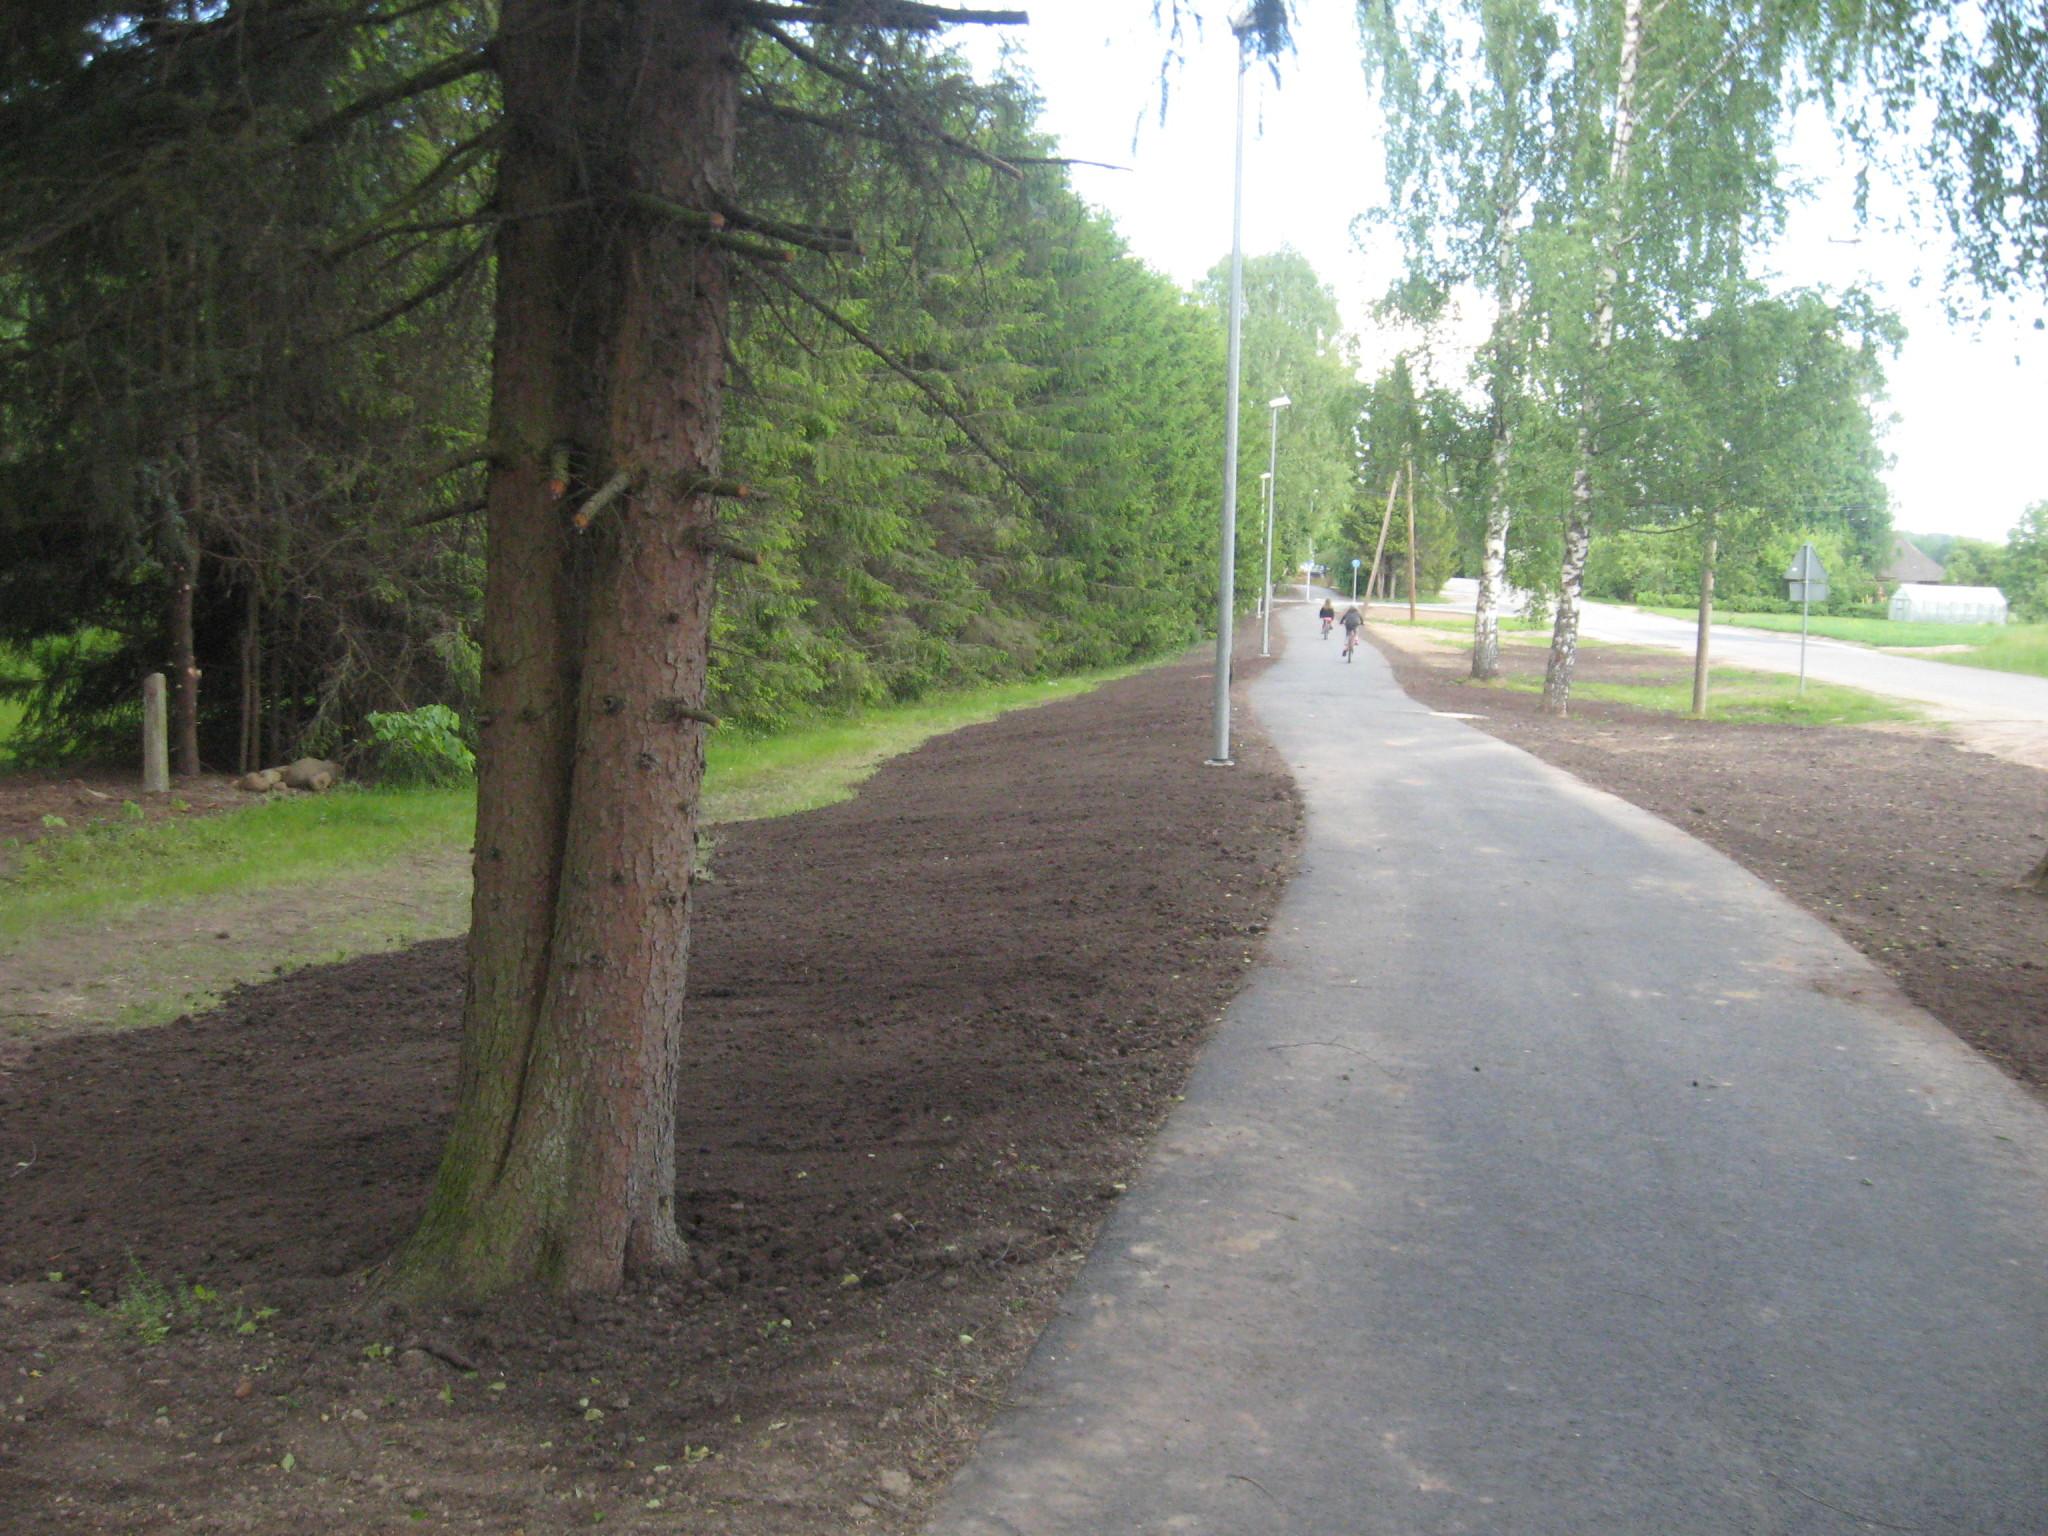 Põlva ristmiku ja tee nr 25212 Meremäe-Petseri km 0,0-0,66 asuva jalgratta- ja jalgtee ehitus koos valgustuse ehitusega omanikujärelevalve